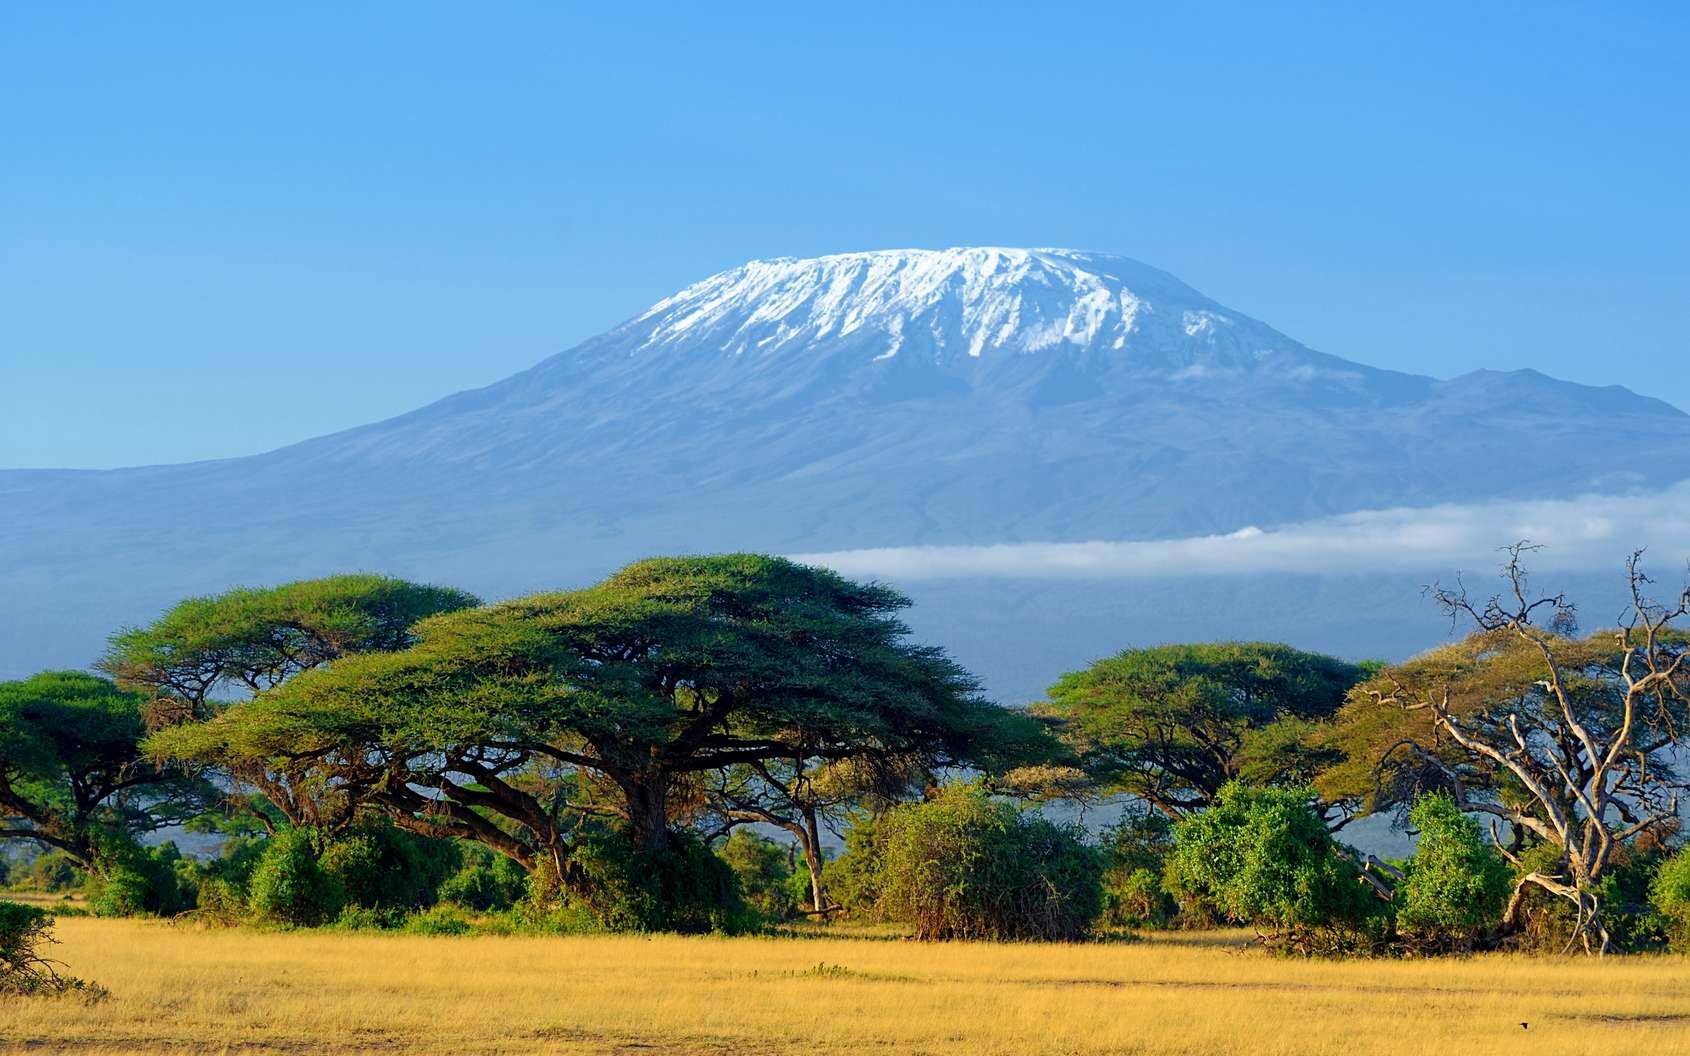 Une fois le pic Uhuru atteint, votre ascension du Kilimandjaro passera par la voie Mweka, idéale pour la descente. © byrdyak, fotolia